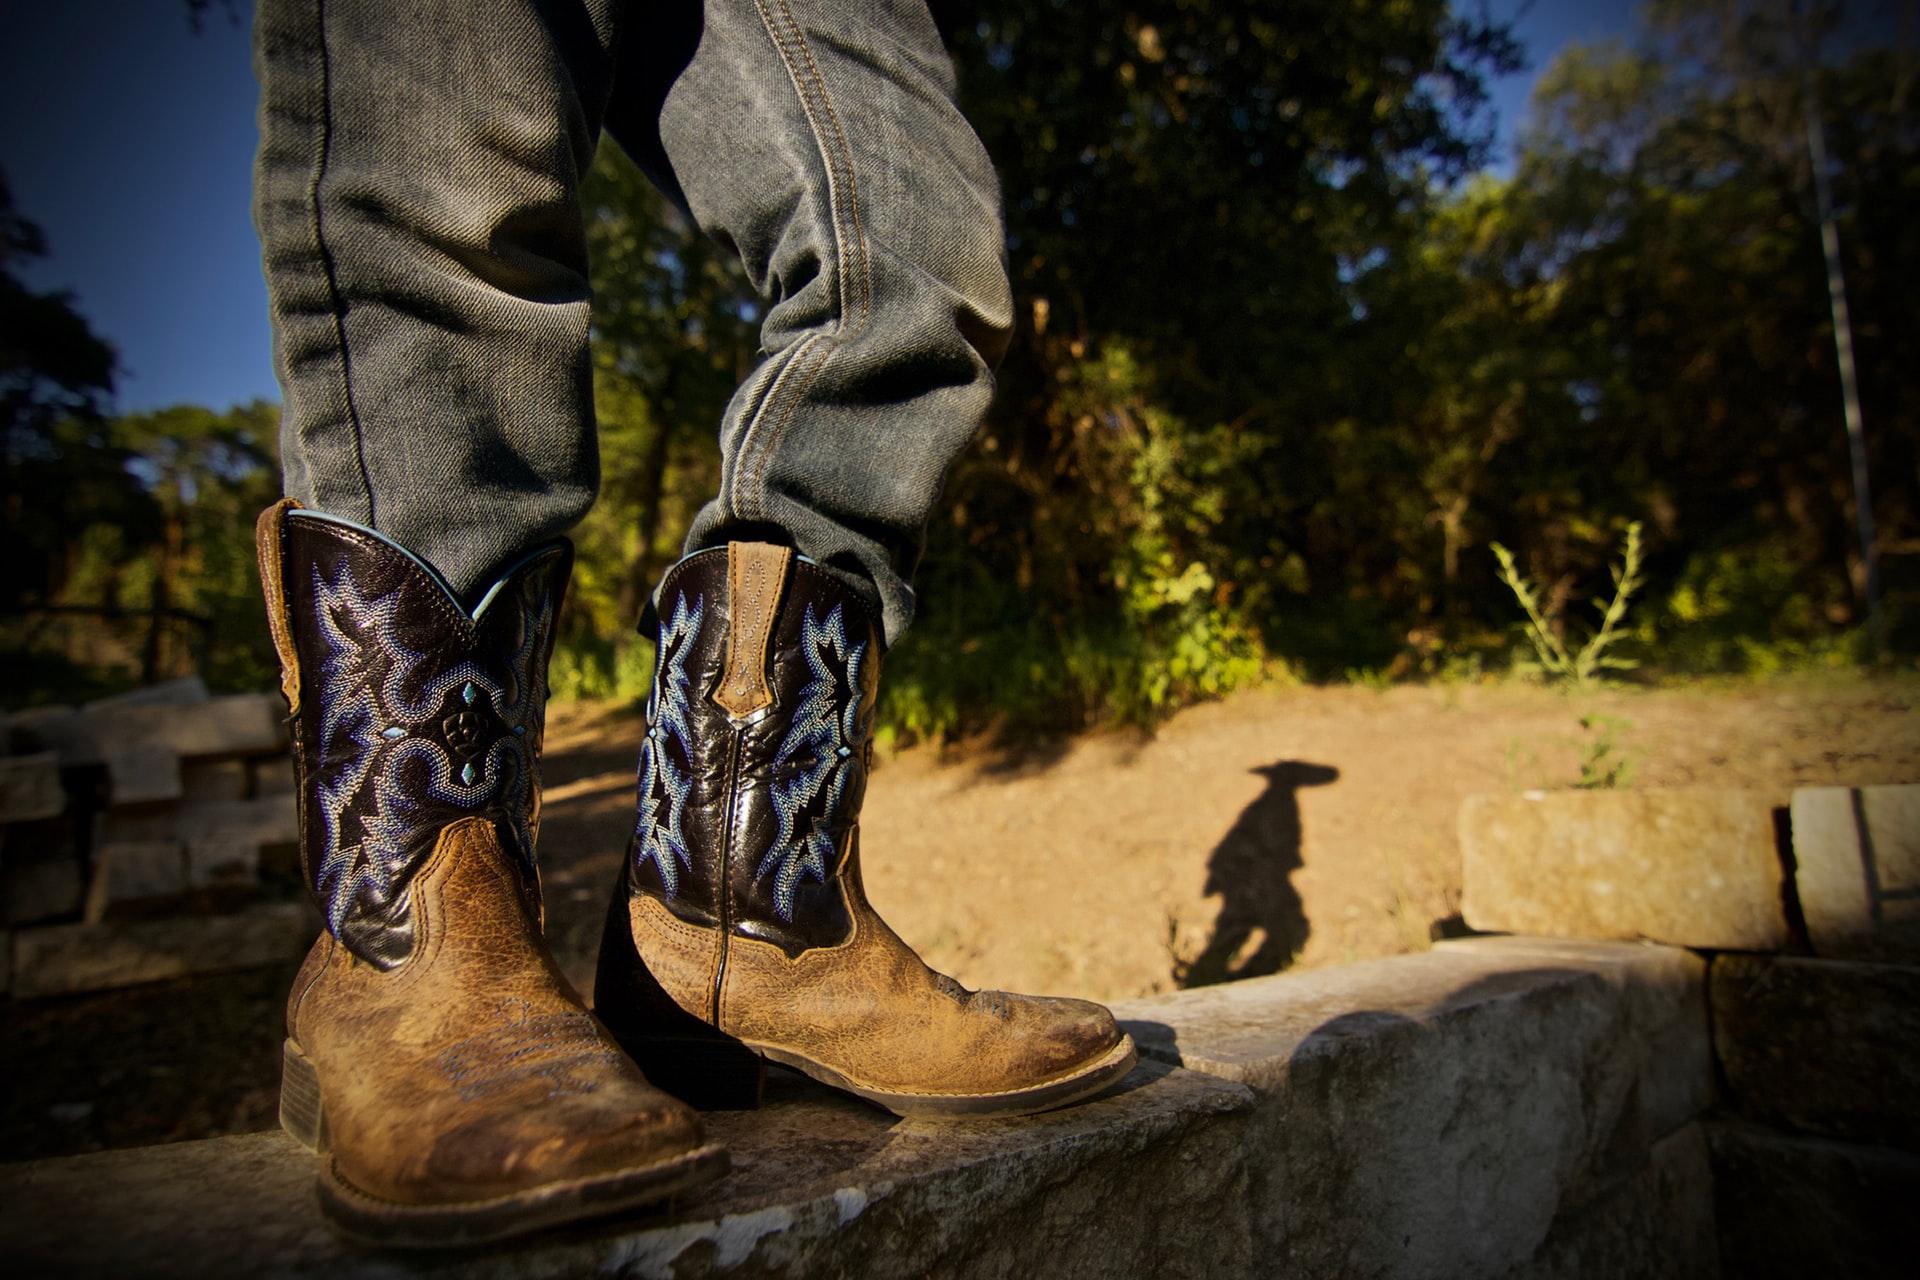 Schuhtrend Nr. 2: Cowboystiefel